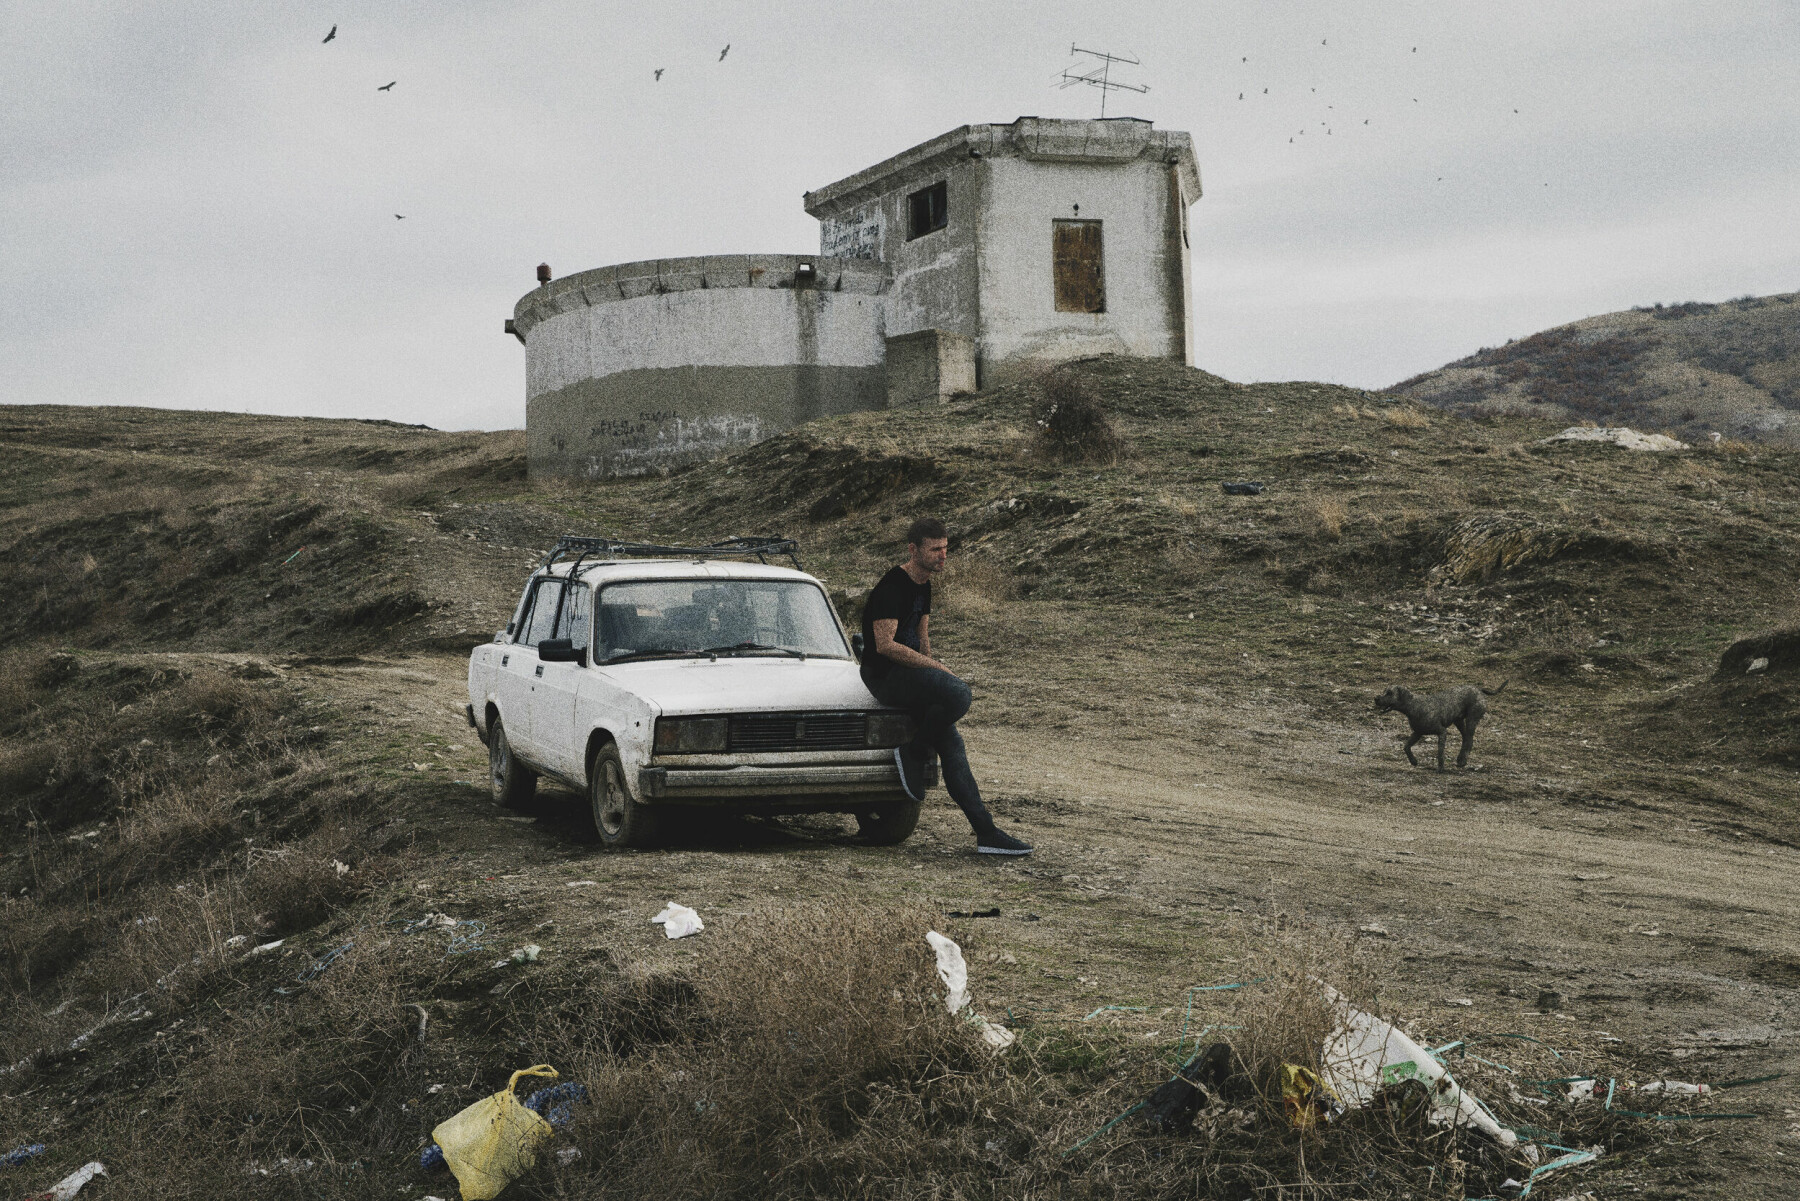 I fjellene bak byen Veles. Mannen og hunden er avatarer plassert inn i bildet.